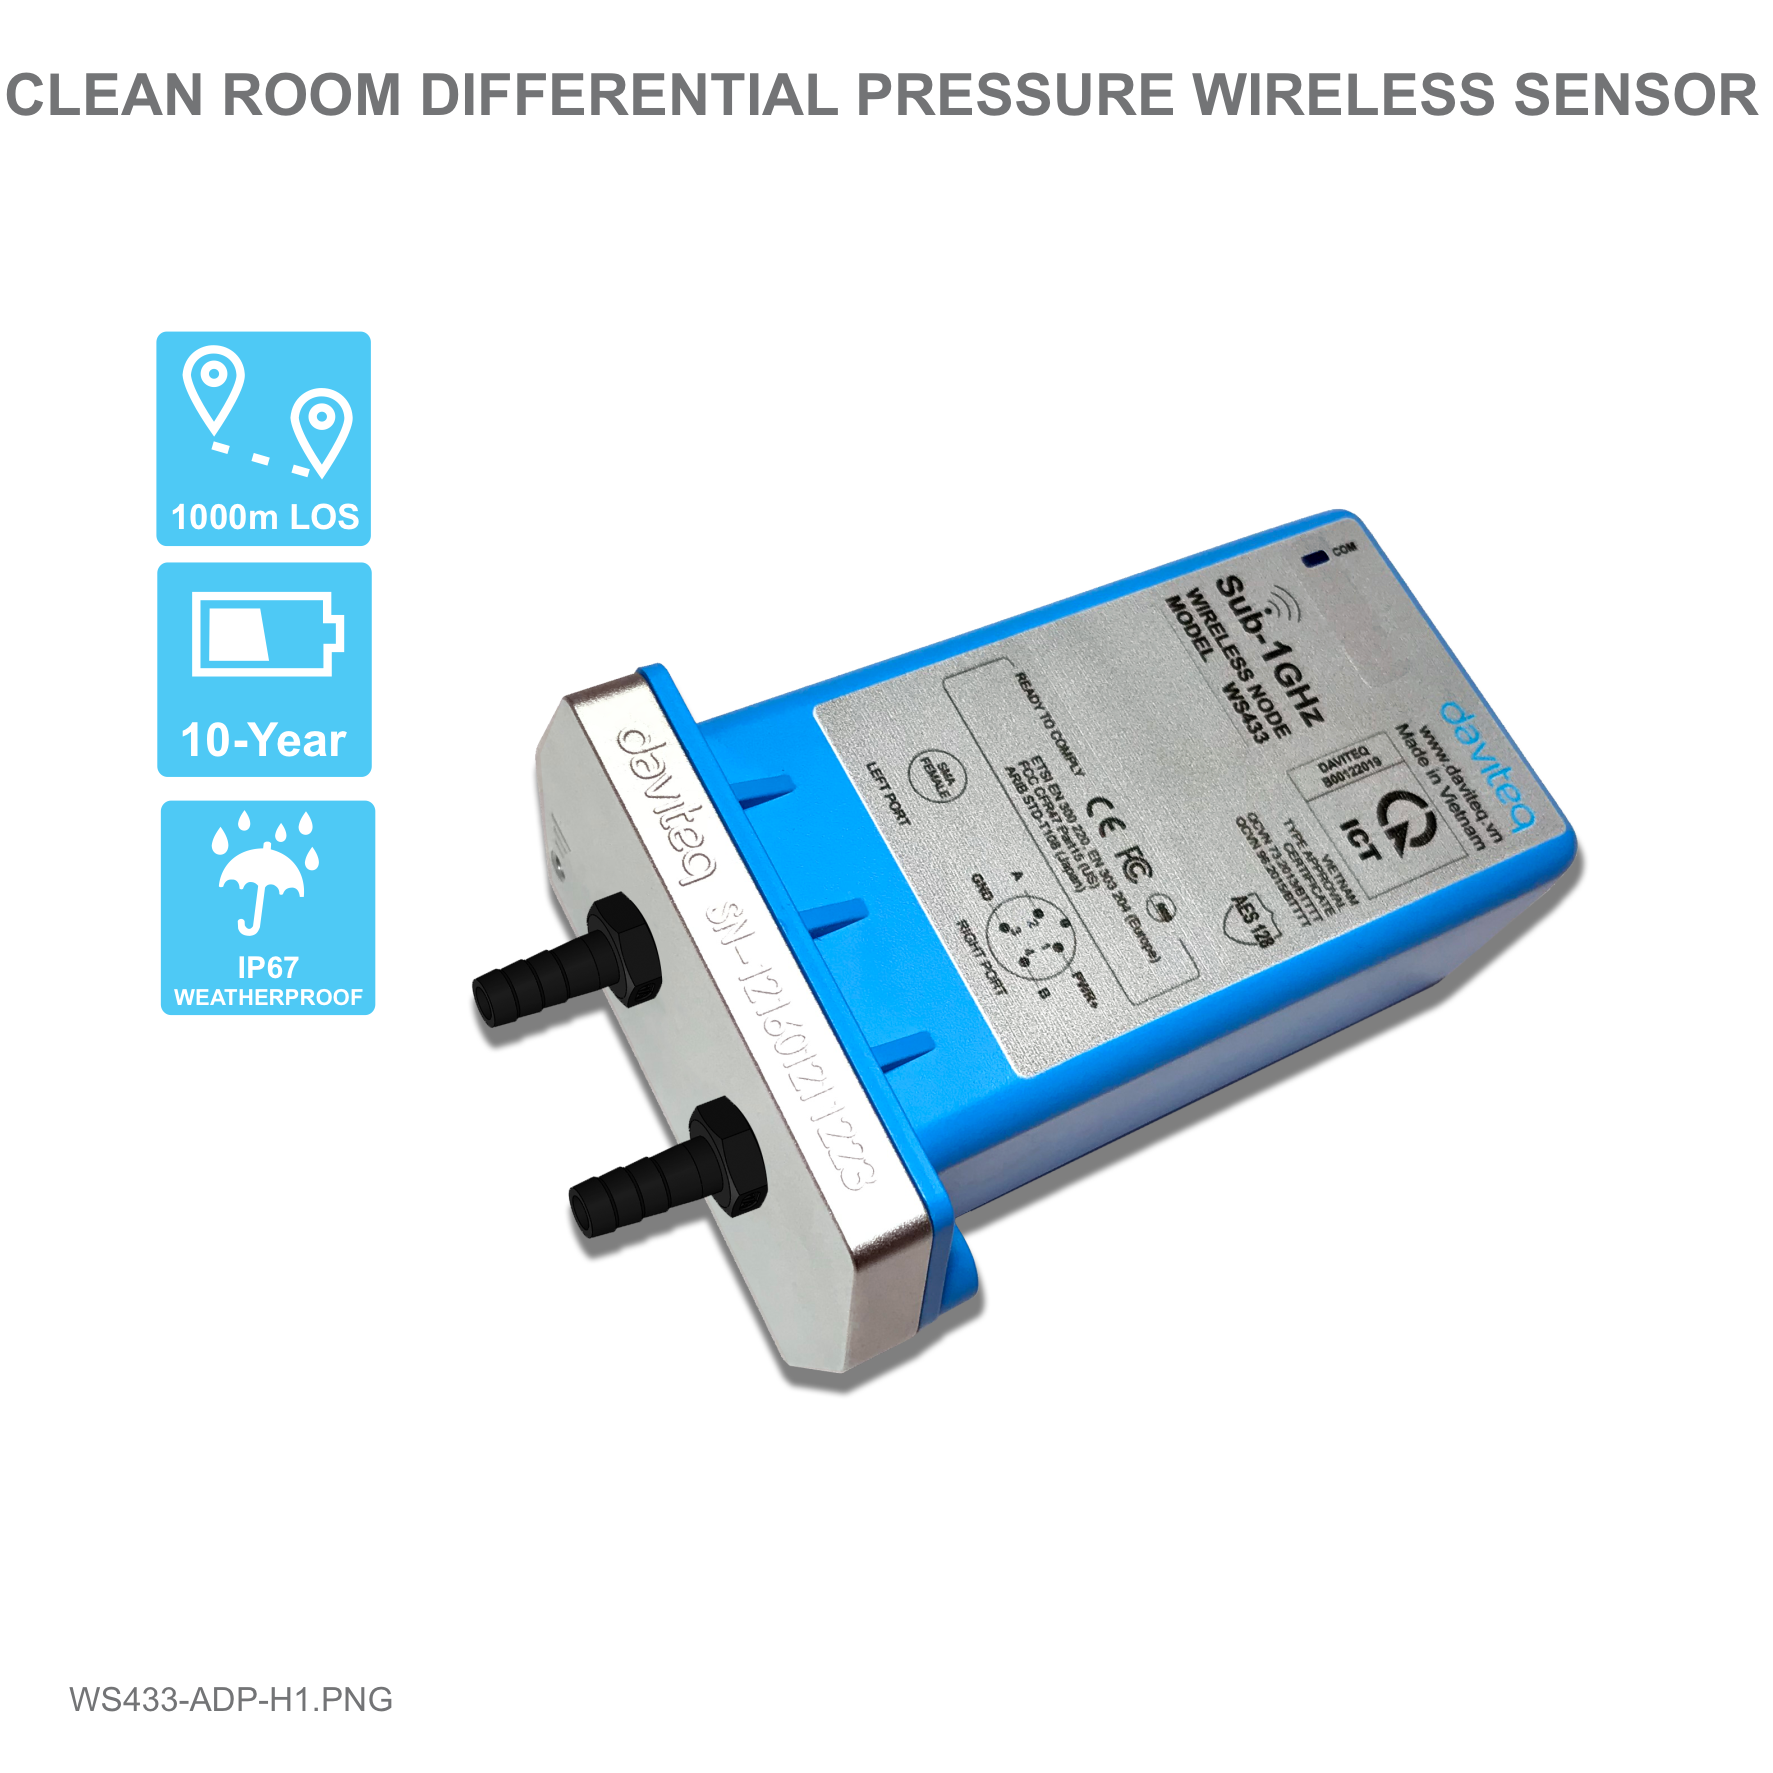 Cảm biến không dây đo chênh áp phòng sạch